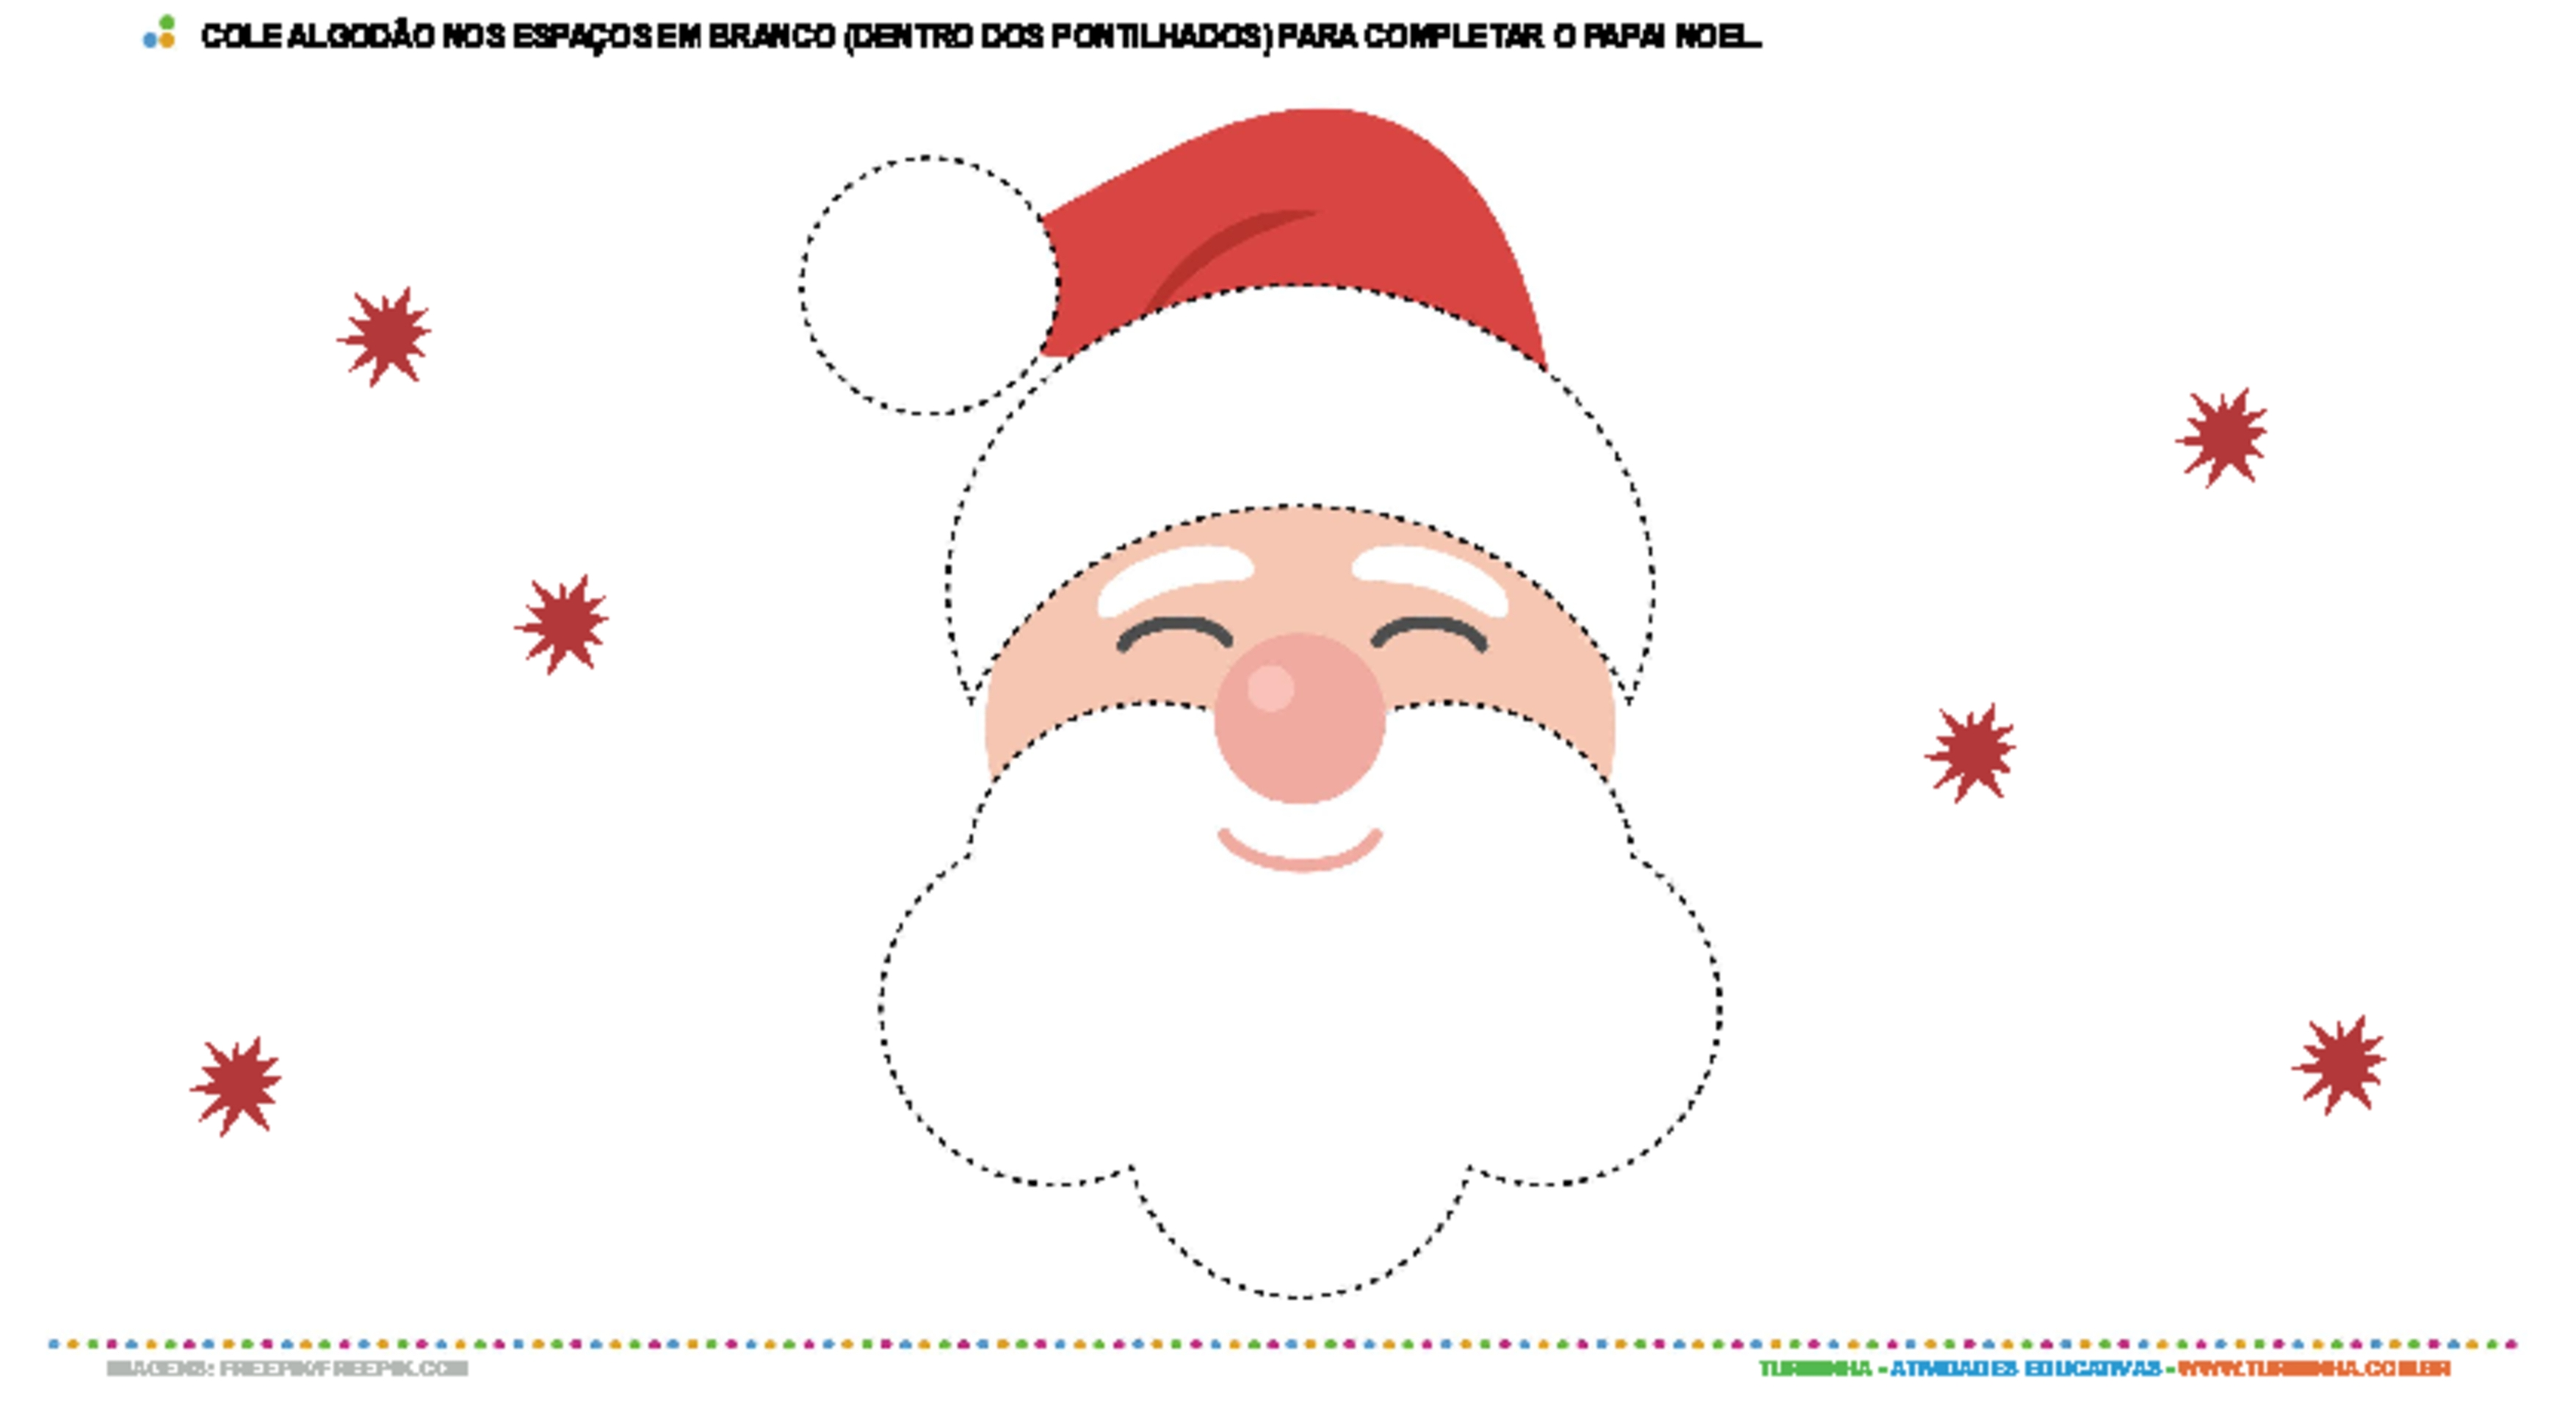 Colagem com algodão - Papai Noel - atividade educativa para Creche (0 a 3 anos)